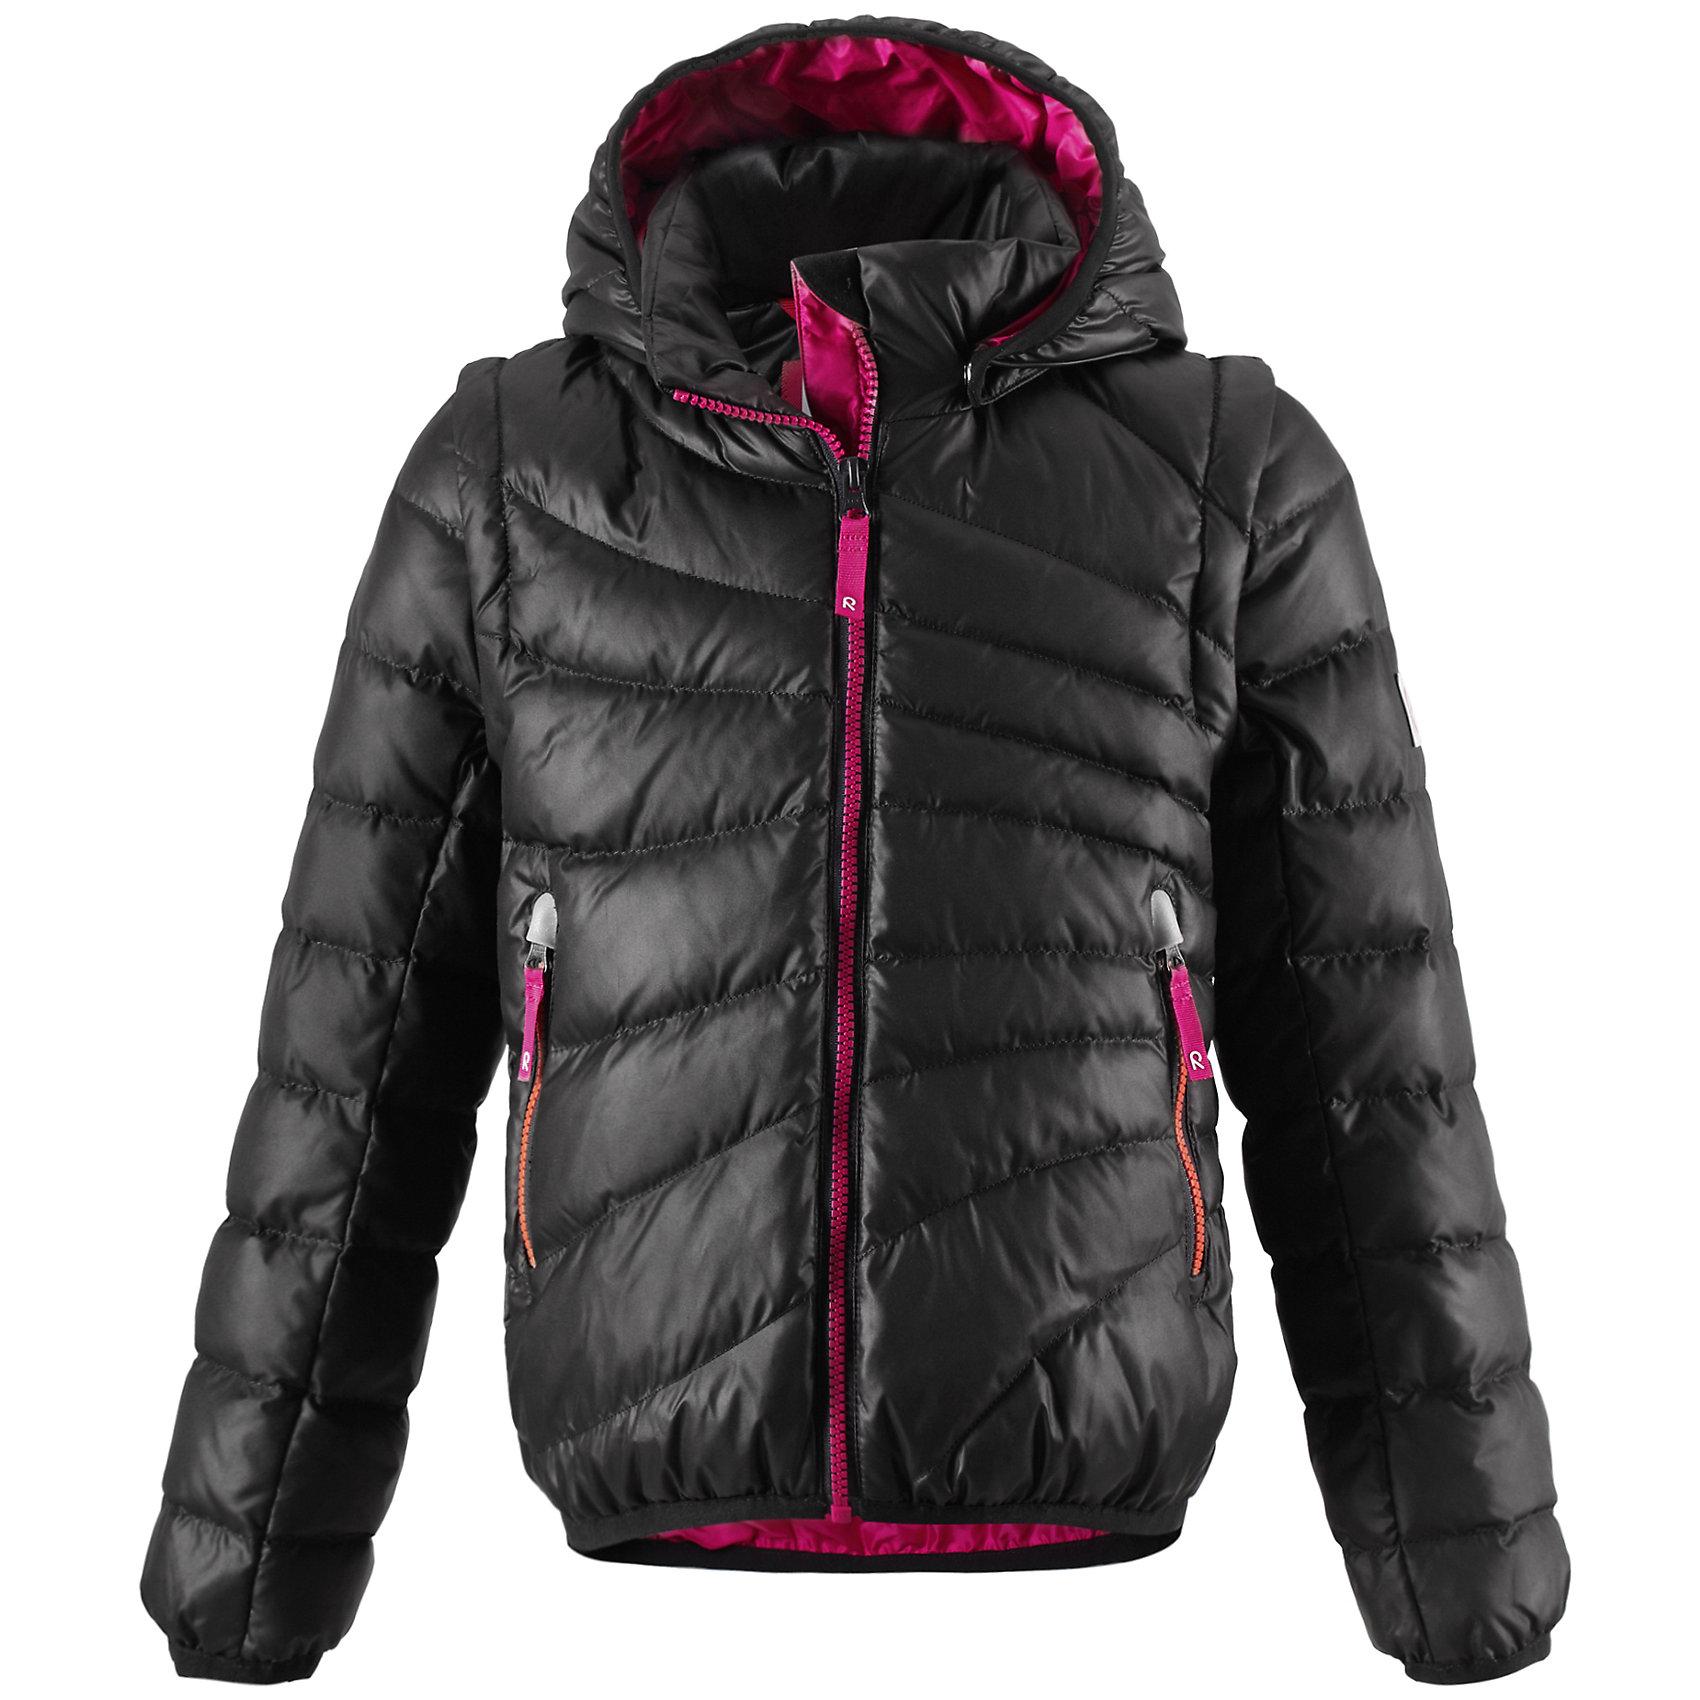 Куртка для девочки ReimaОдежда<br>Лёгкий детский пуховик - замечательный выбор для поздней осени и ранней зимы. Этот стильный пуховик тёплый, но лёгкий, а если погода позволяет, куртка легко трансформируется в пуховой жилет - рукава отстёгиваются при помощи молнии. В тёплые осенние дни рекомендуем надевать под жилет уютный вязаный свитер или флисовую кофту. Капюшон тоже отстёгивается - если закреплённый кнопками капюшон зацепится за что-нибудь, он легко отстегнётся. Передние карманы на молниях подойдут для хранения маленьких ценностей, а молния контрастного цвета завершает стильный образ. Эта приталенная модель для девочек великолепно выглядит на прогулке в городе, в школе или на активном отдыхе.<br><br>Лёгкий пуховик для девочек-подростков<br>Безопасный съёмный регулируемый капюшон <br>Отстёгивающиеся рукава на молниях<br>Эластичный кант на манжетах рукавов и по нижнему краю пуховика<br>Молнии контрастного цвета <br>Два боковых кармана на молниях<br><br>Состав:<br>100% ПЭ<br>Средняя степень утепления (до - 20)<br>Утеплитель: пух<br><br>Куртку для девочки Reima (Рейма) можно купить в нашем магазине.<br><br>Ширина мм: 356<br>Глубина мм: 10<br>Высота мм: 245<br>Вес г: 519<br>Цвет: черный<br>Возраст от месяцев: 48<br>Возраст до месяцев: 60<br>Пол: Женский<br>Возраст: Детский<br>Размер: 122,110,116,104,128,140,164,146,134<br>SKU: 4209002